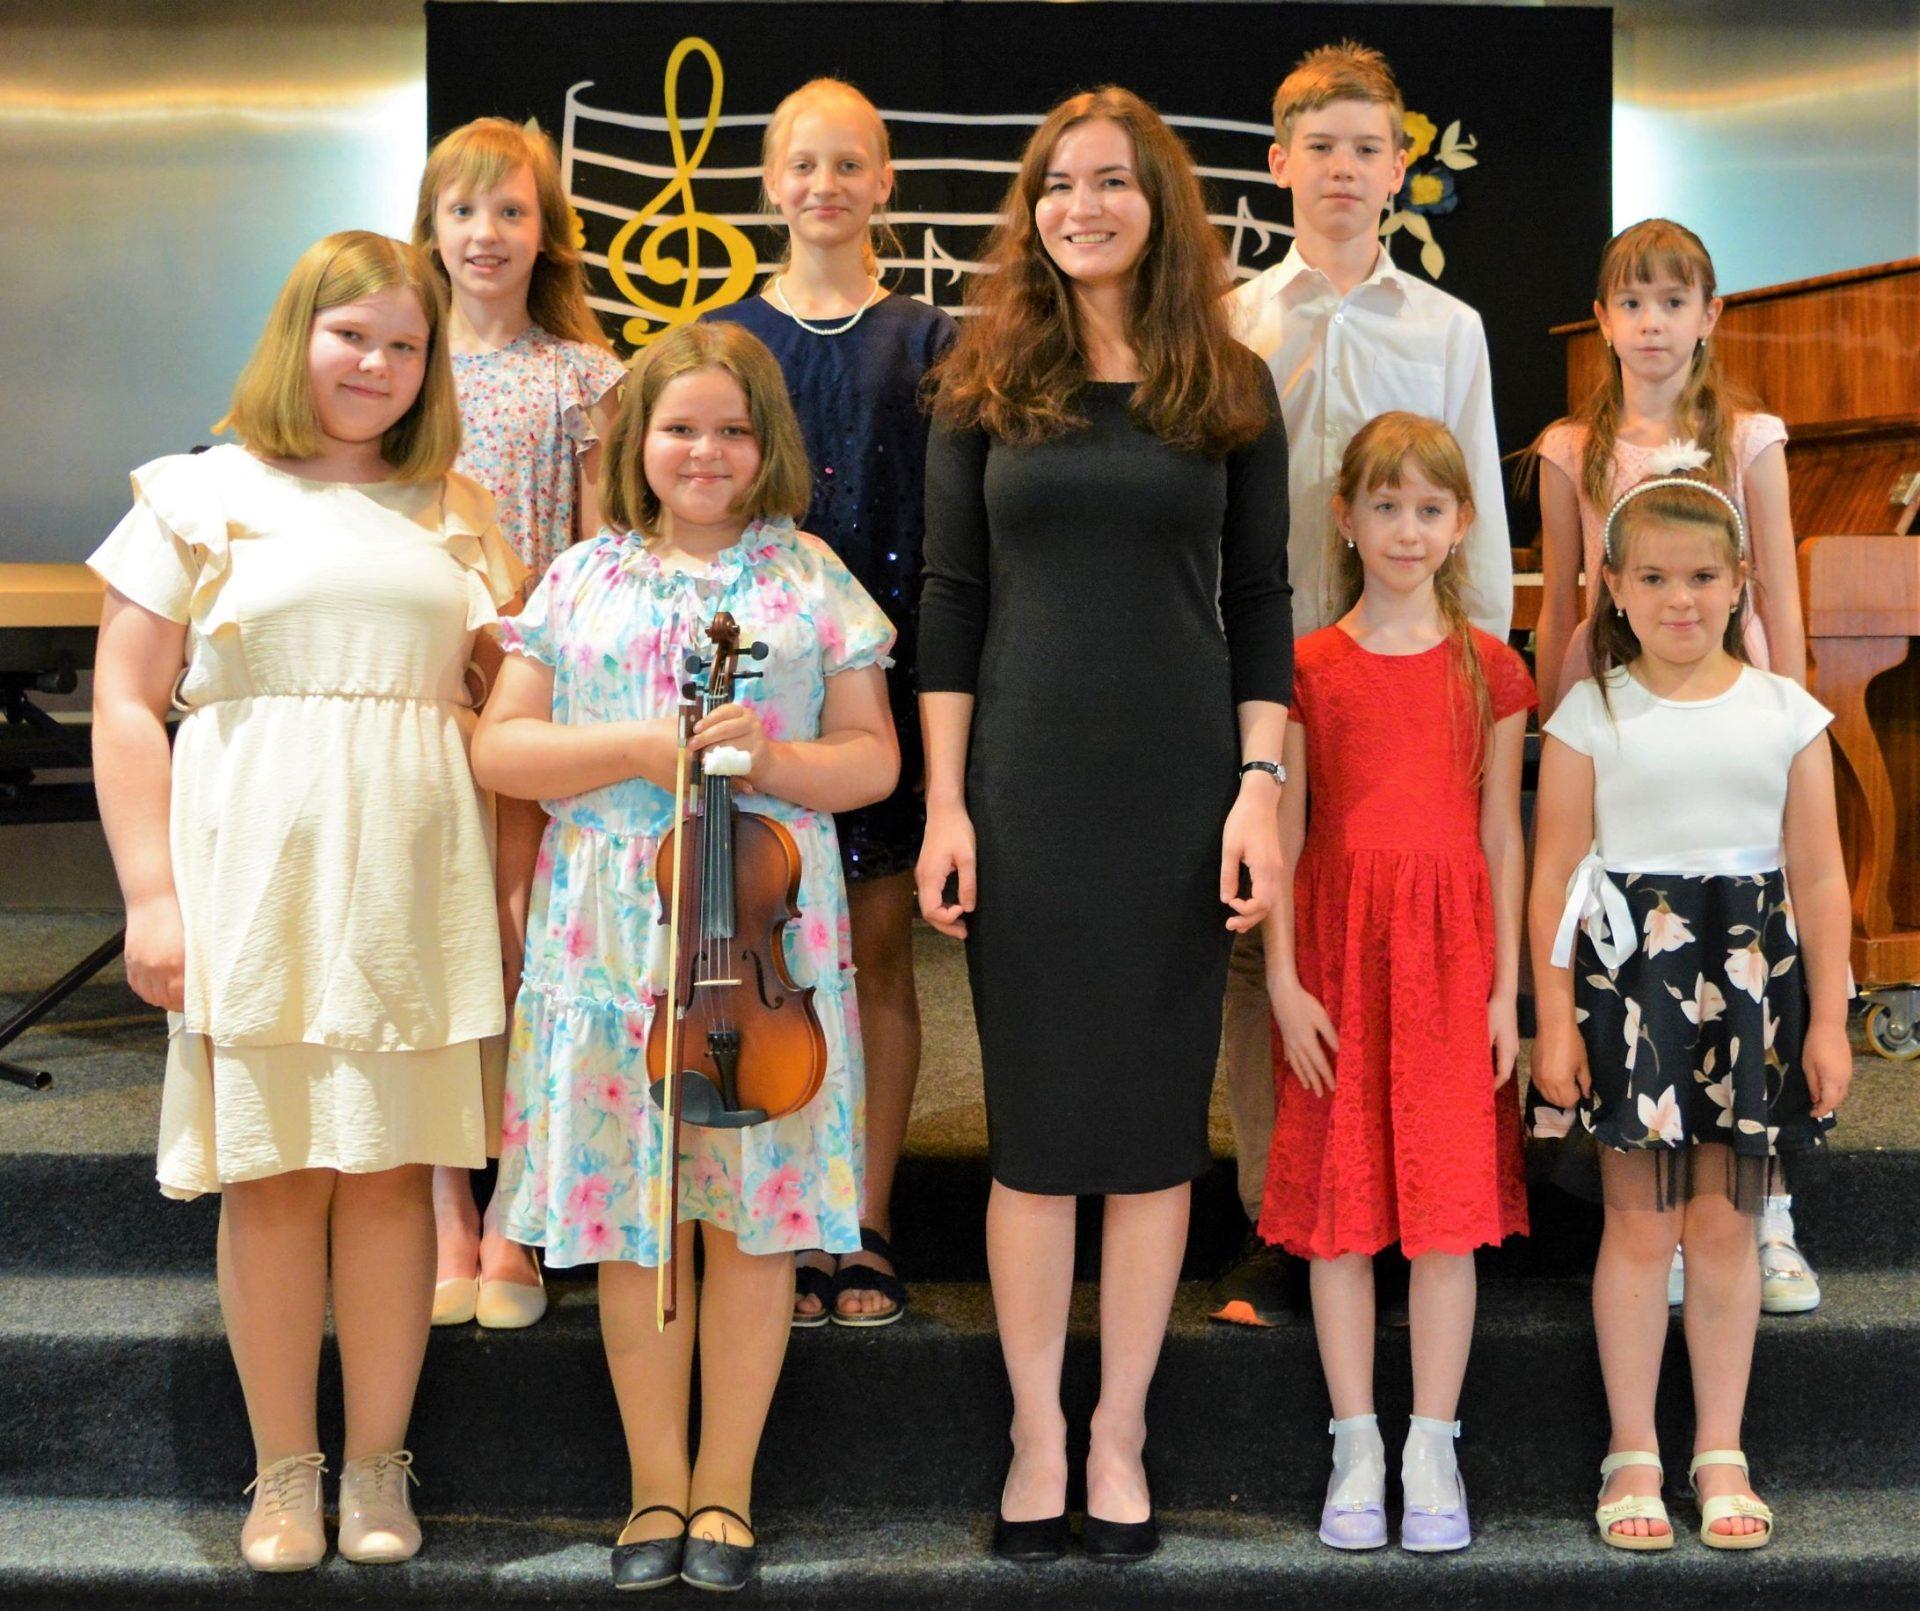 Na zdjęciu stoją uczniowie zajęć muzycznych CKPiT wraz ze swoim instruktorem. Z tyłu na scenie po lewej stoi keyboard, po prawej pianino, w tle dekoracja z nutami.